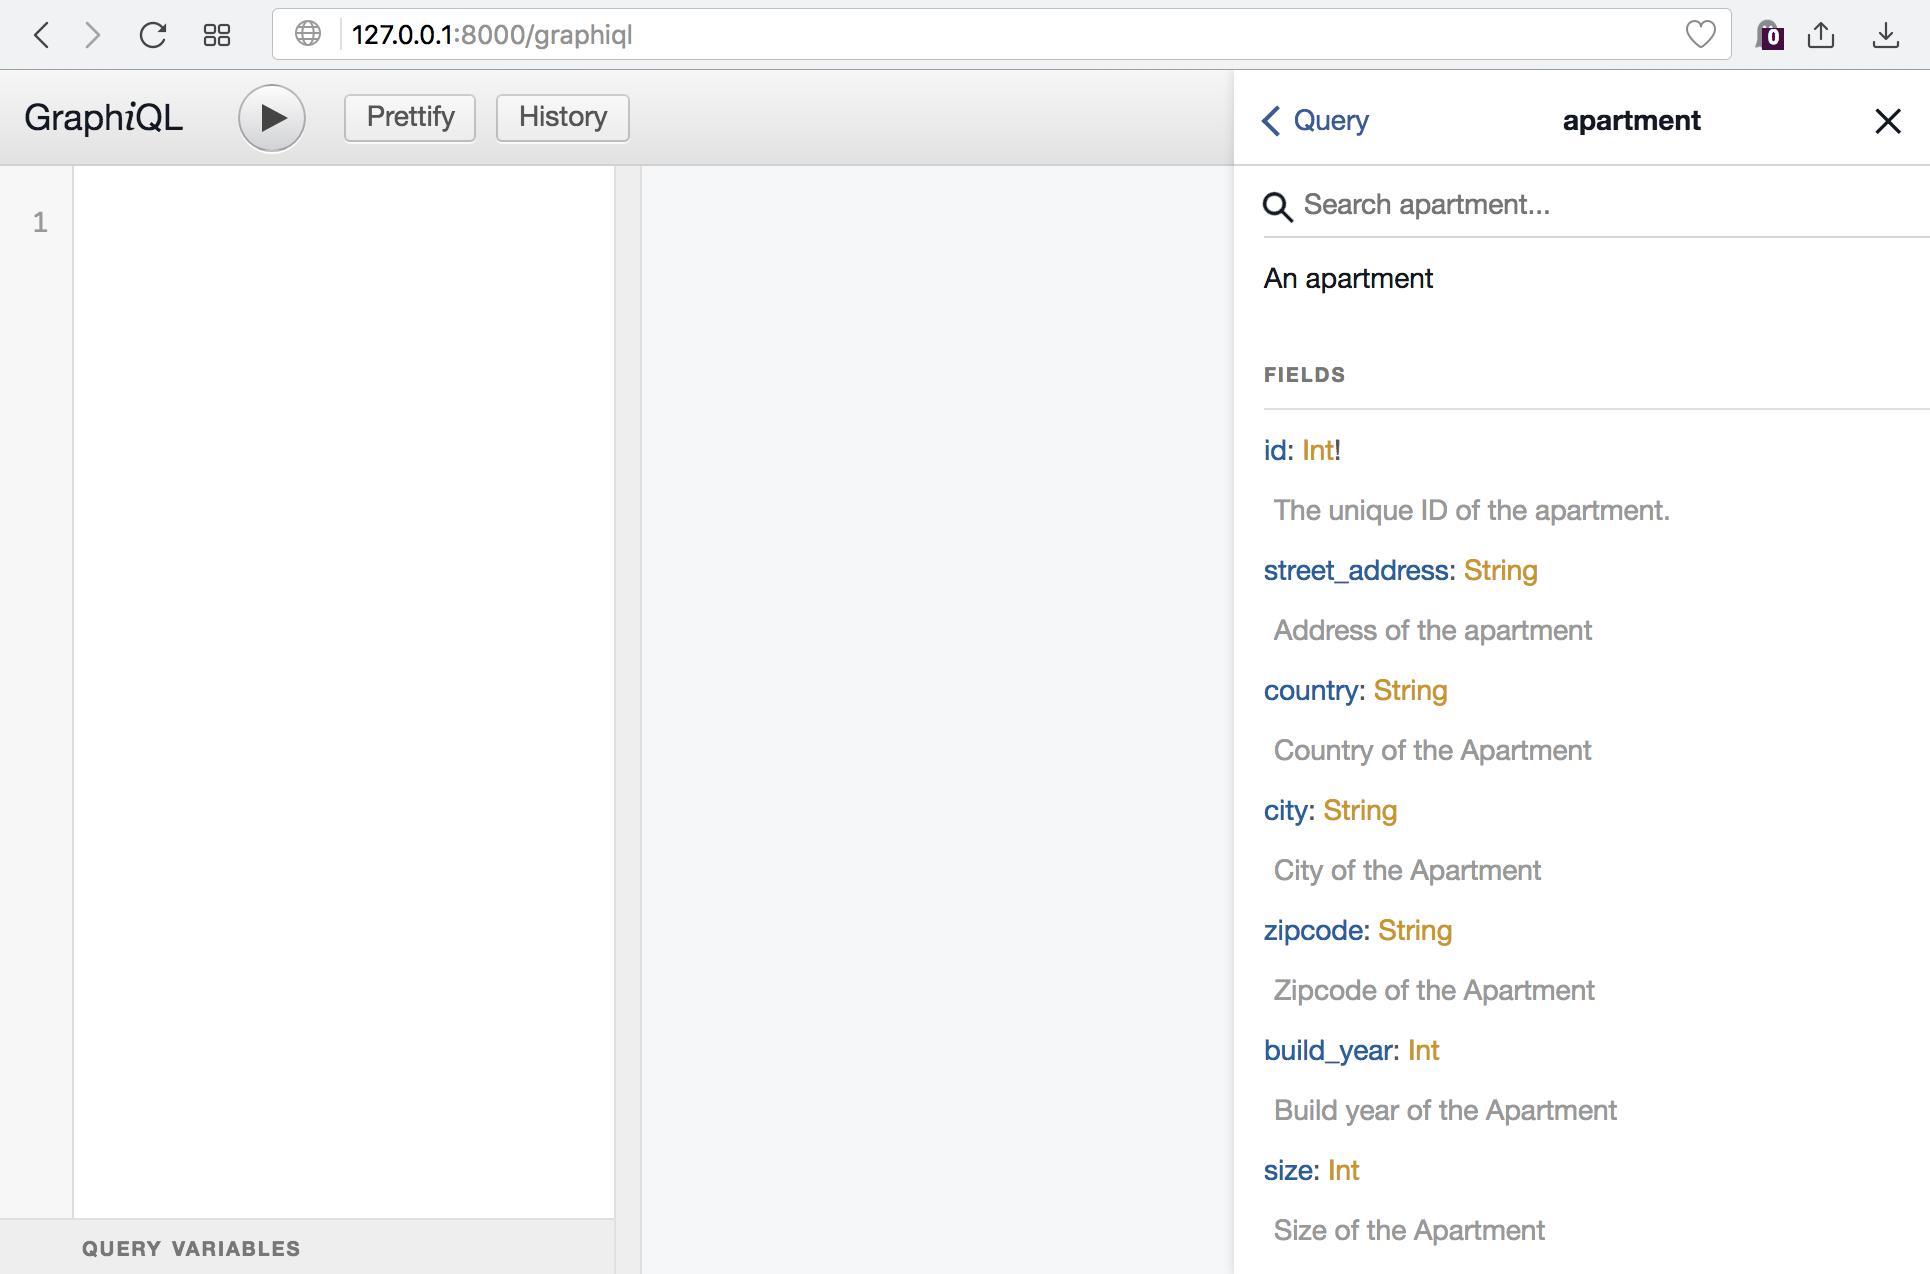 GraphiQL debugging interface